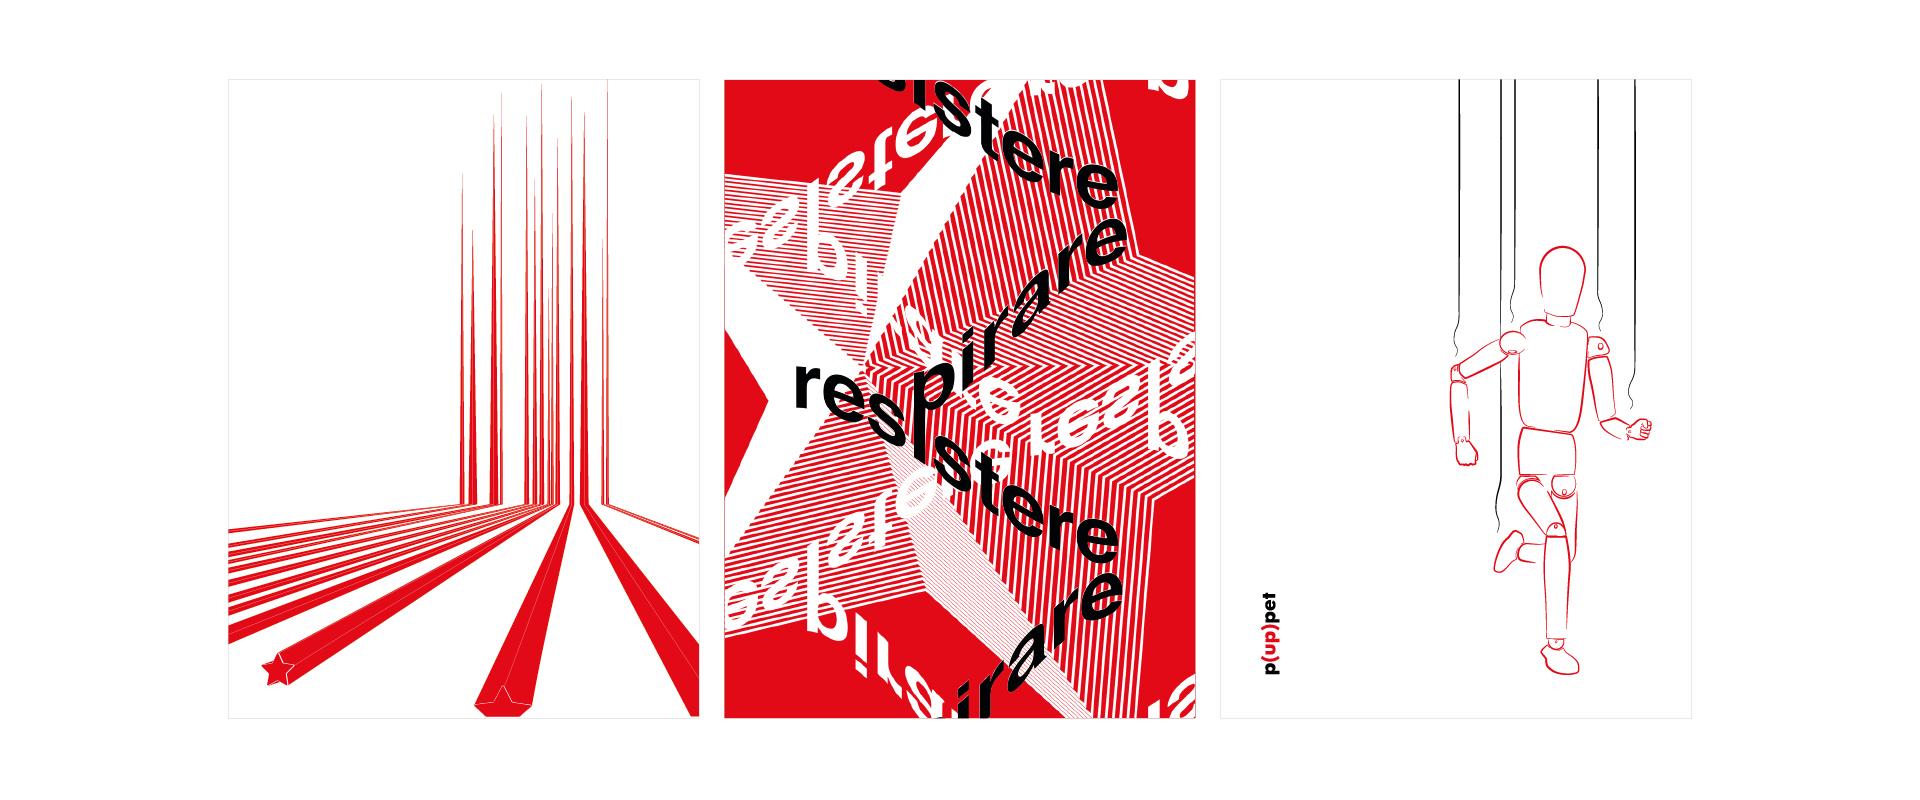 Progettare per resistere. La grafica come coscienza civile.